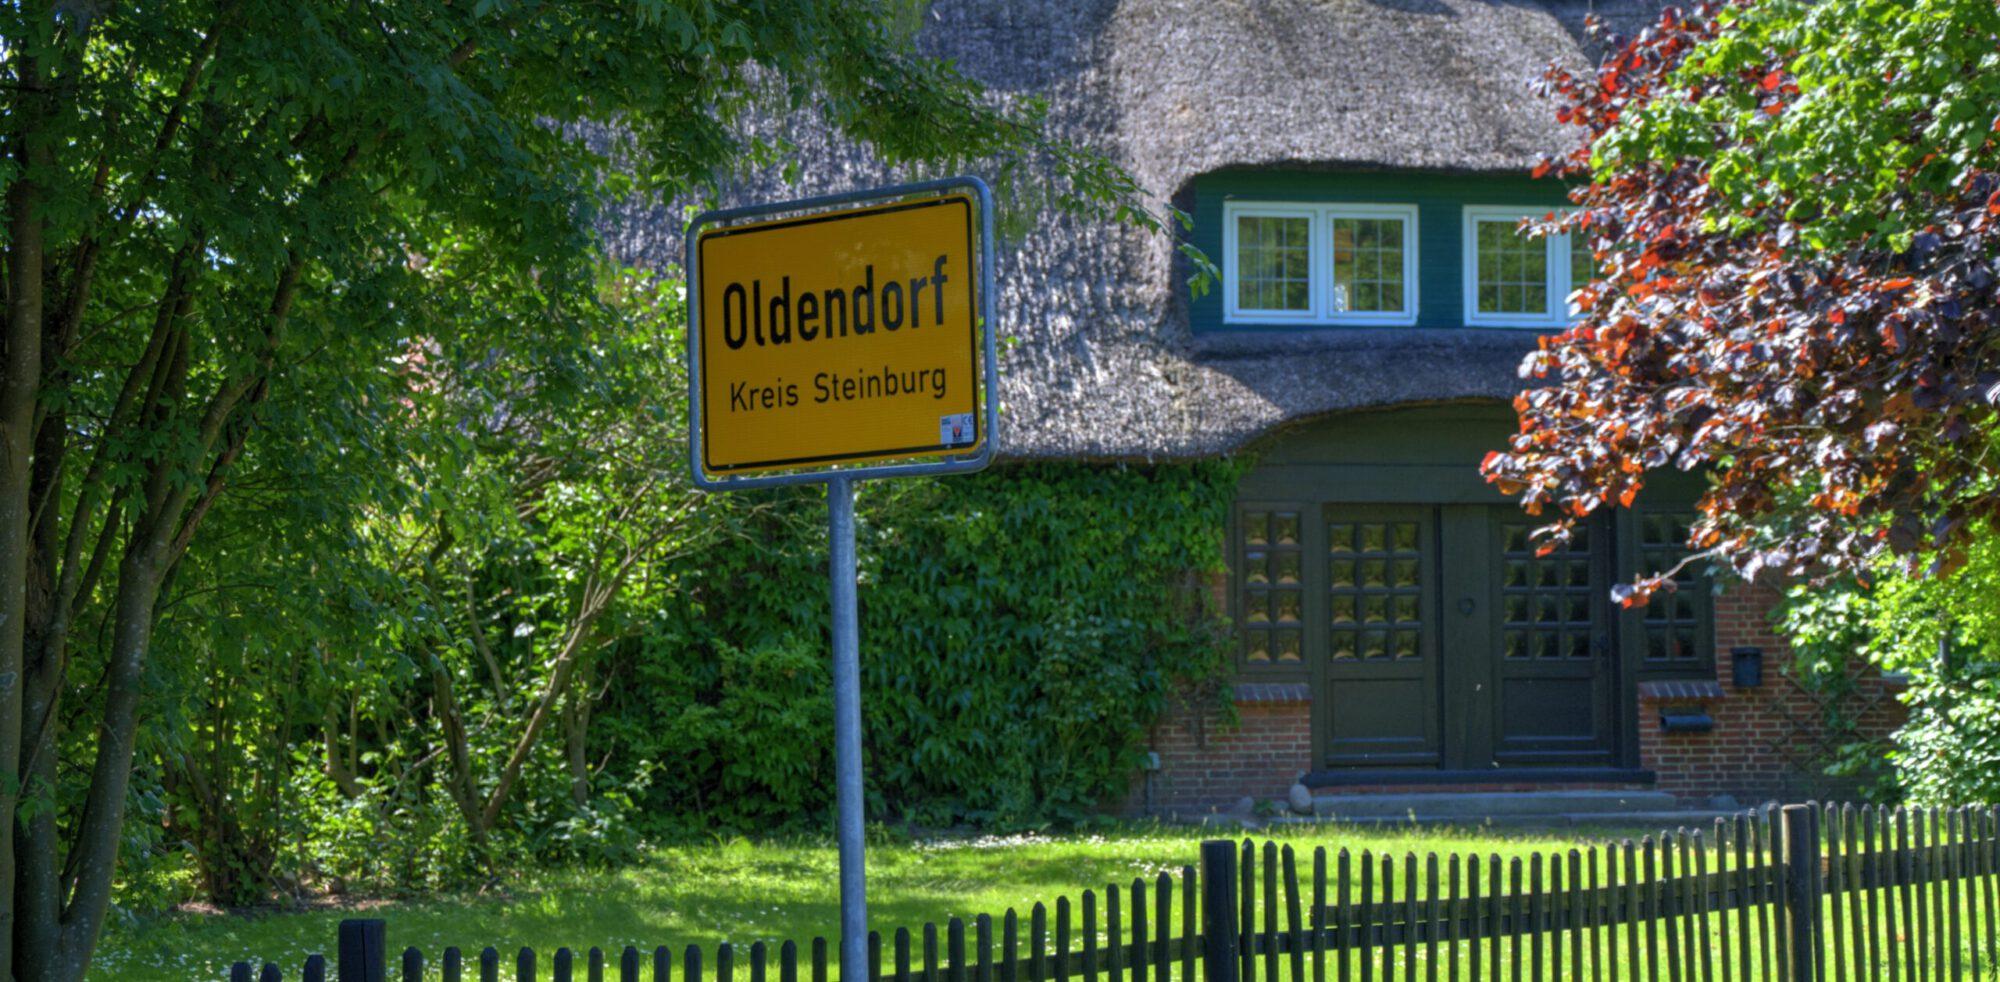 800 Jahre Oldendorf im Kreis Steinburg